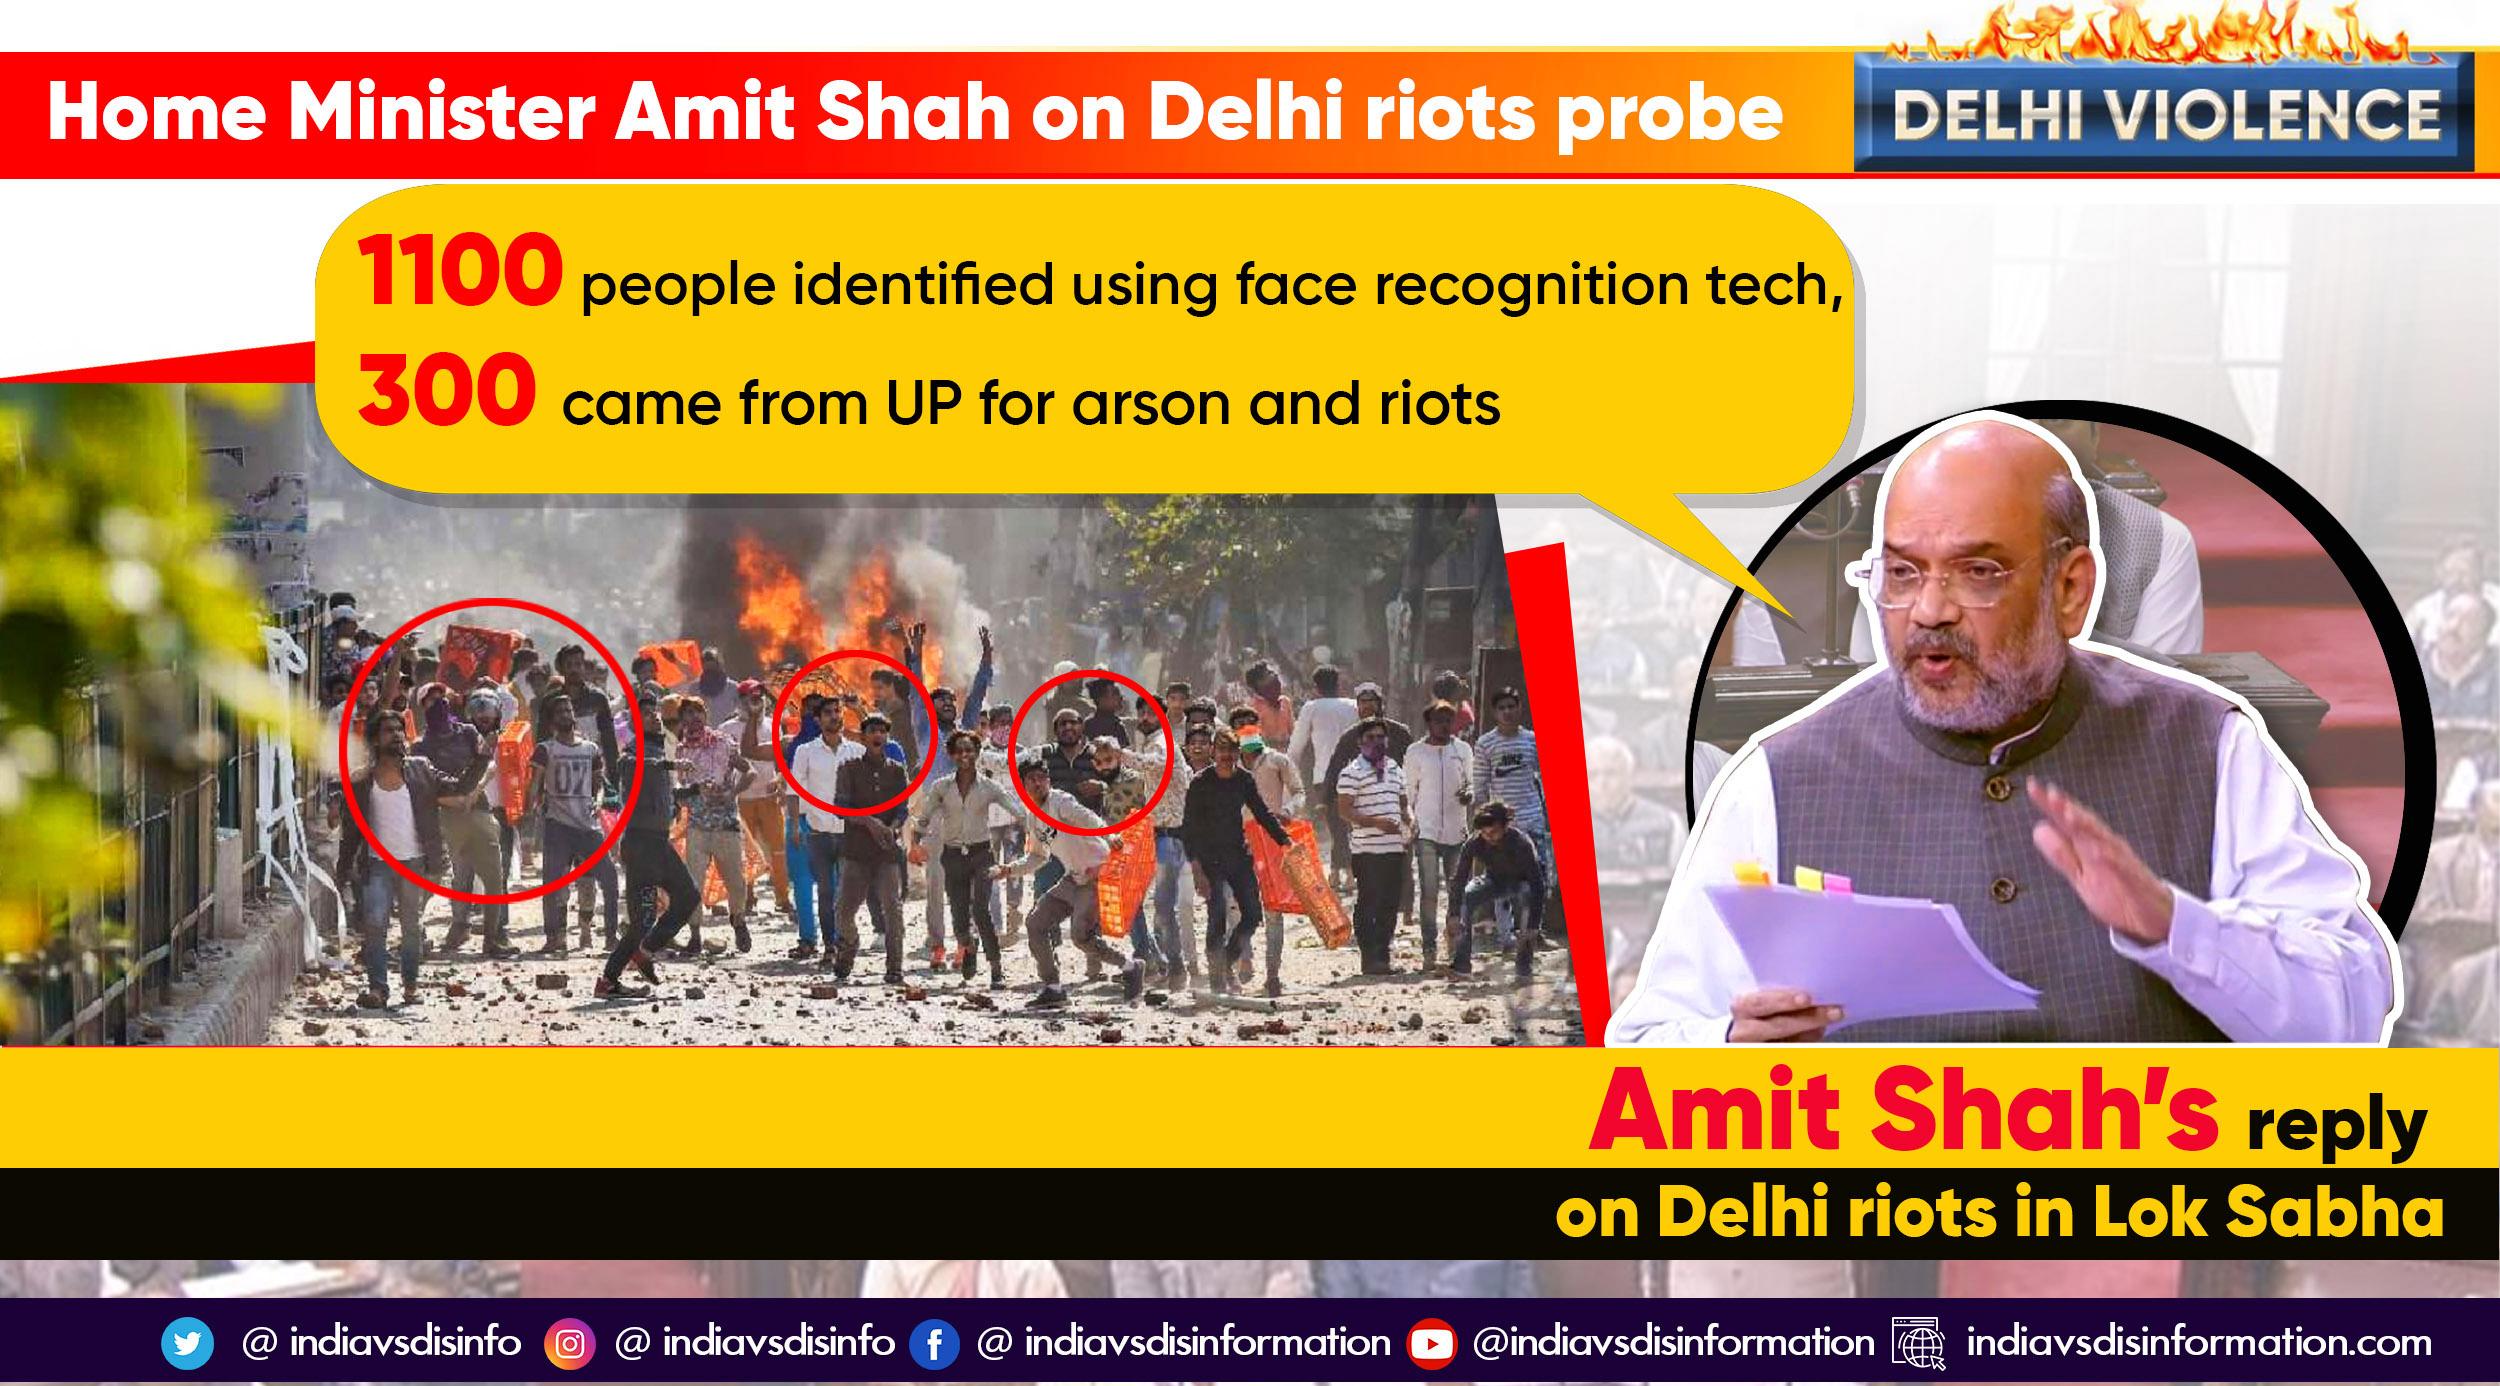 델리 폭력 조사에 대한 연합 내무 장관 아밋 샤